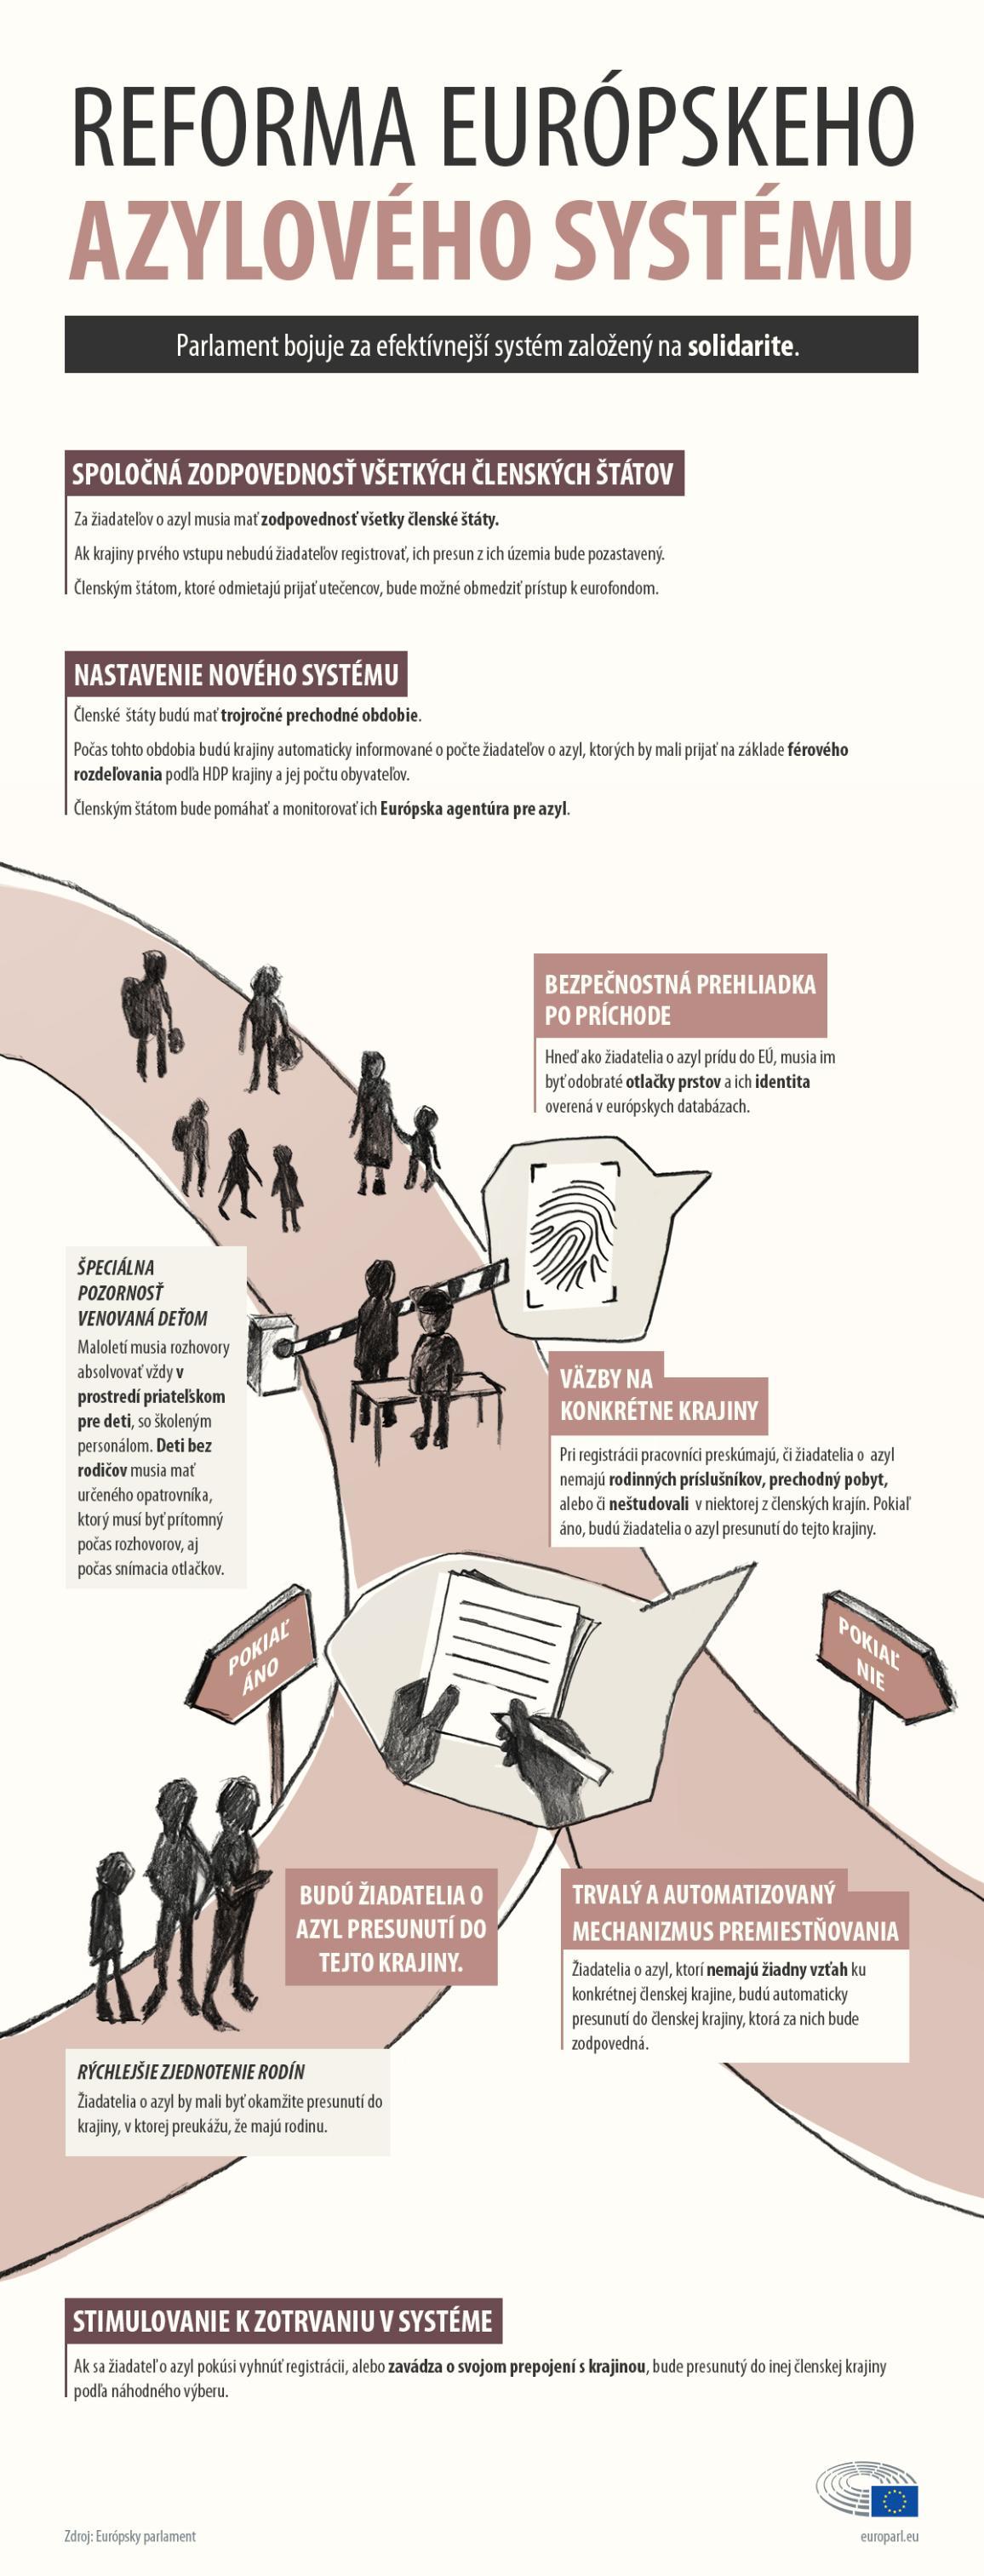 Infografika o reforme európskeho azylového systému